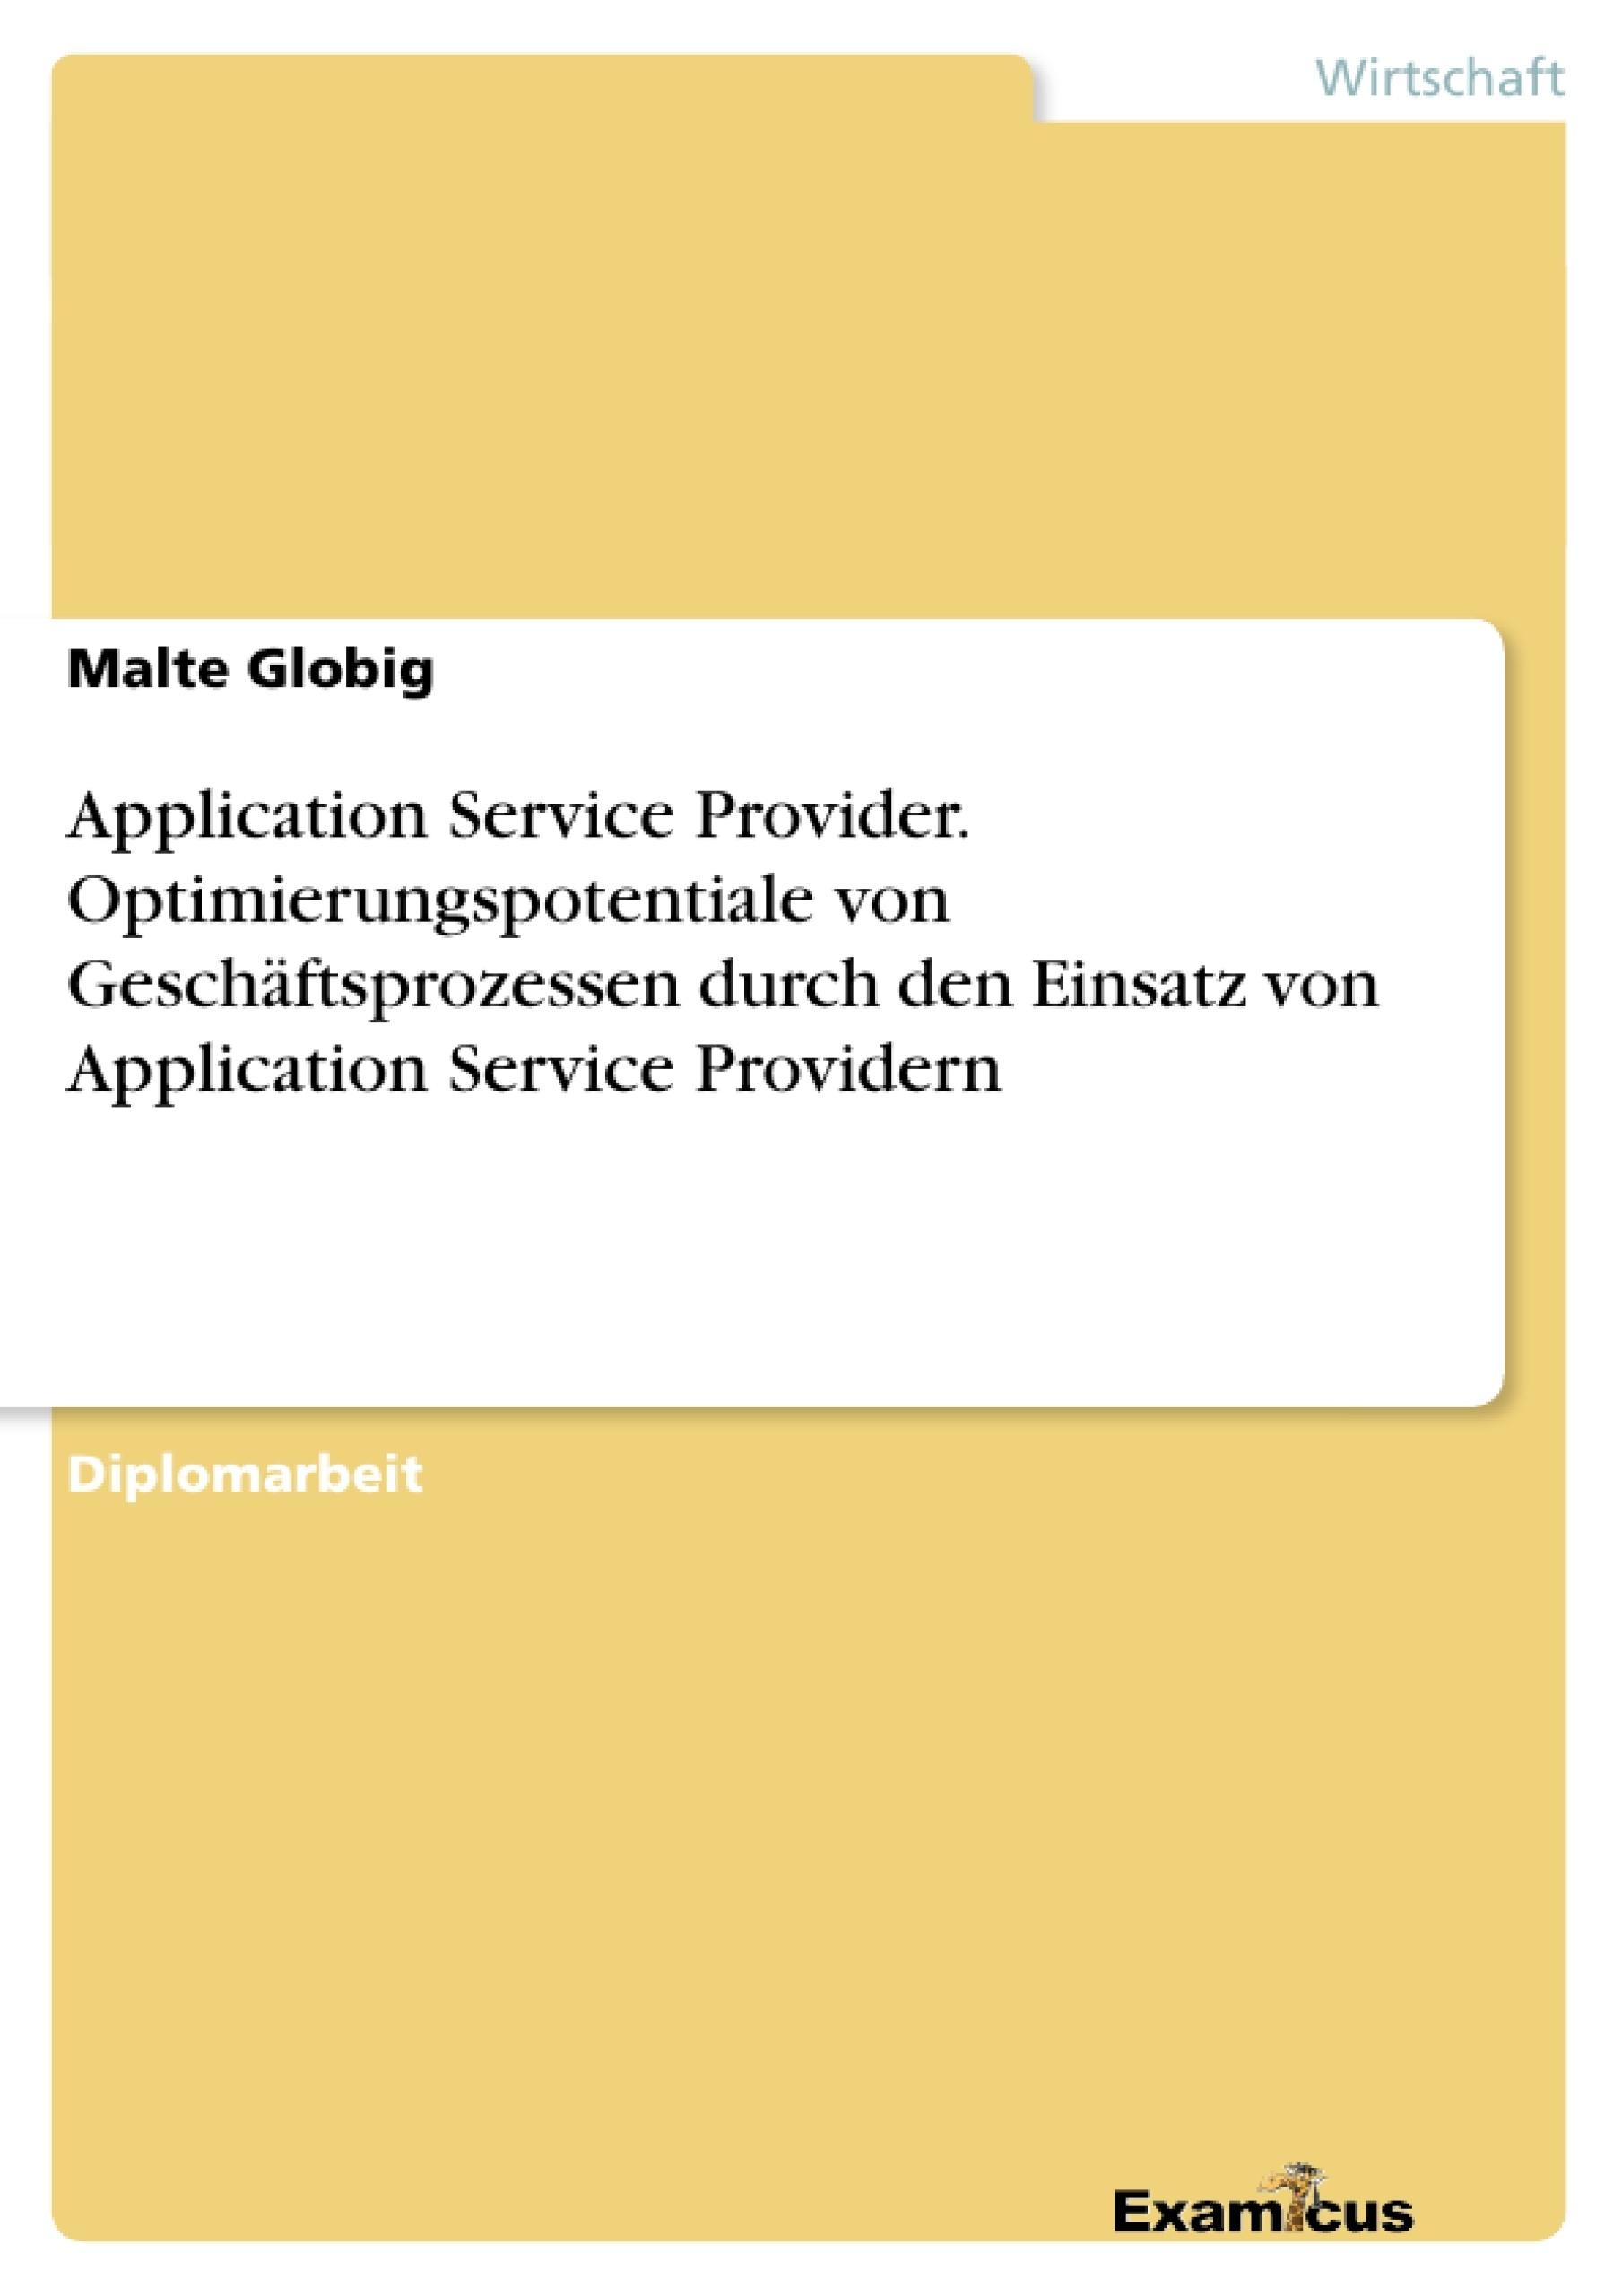 Titel: Application Service Provider. Optimierungspotentiale von Geschäftsprozessen durch den Einsatz von Application Service Providern